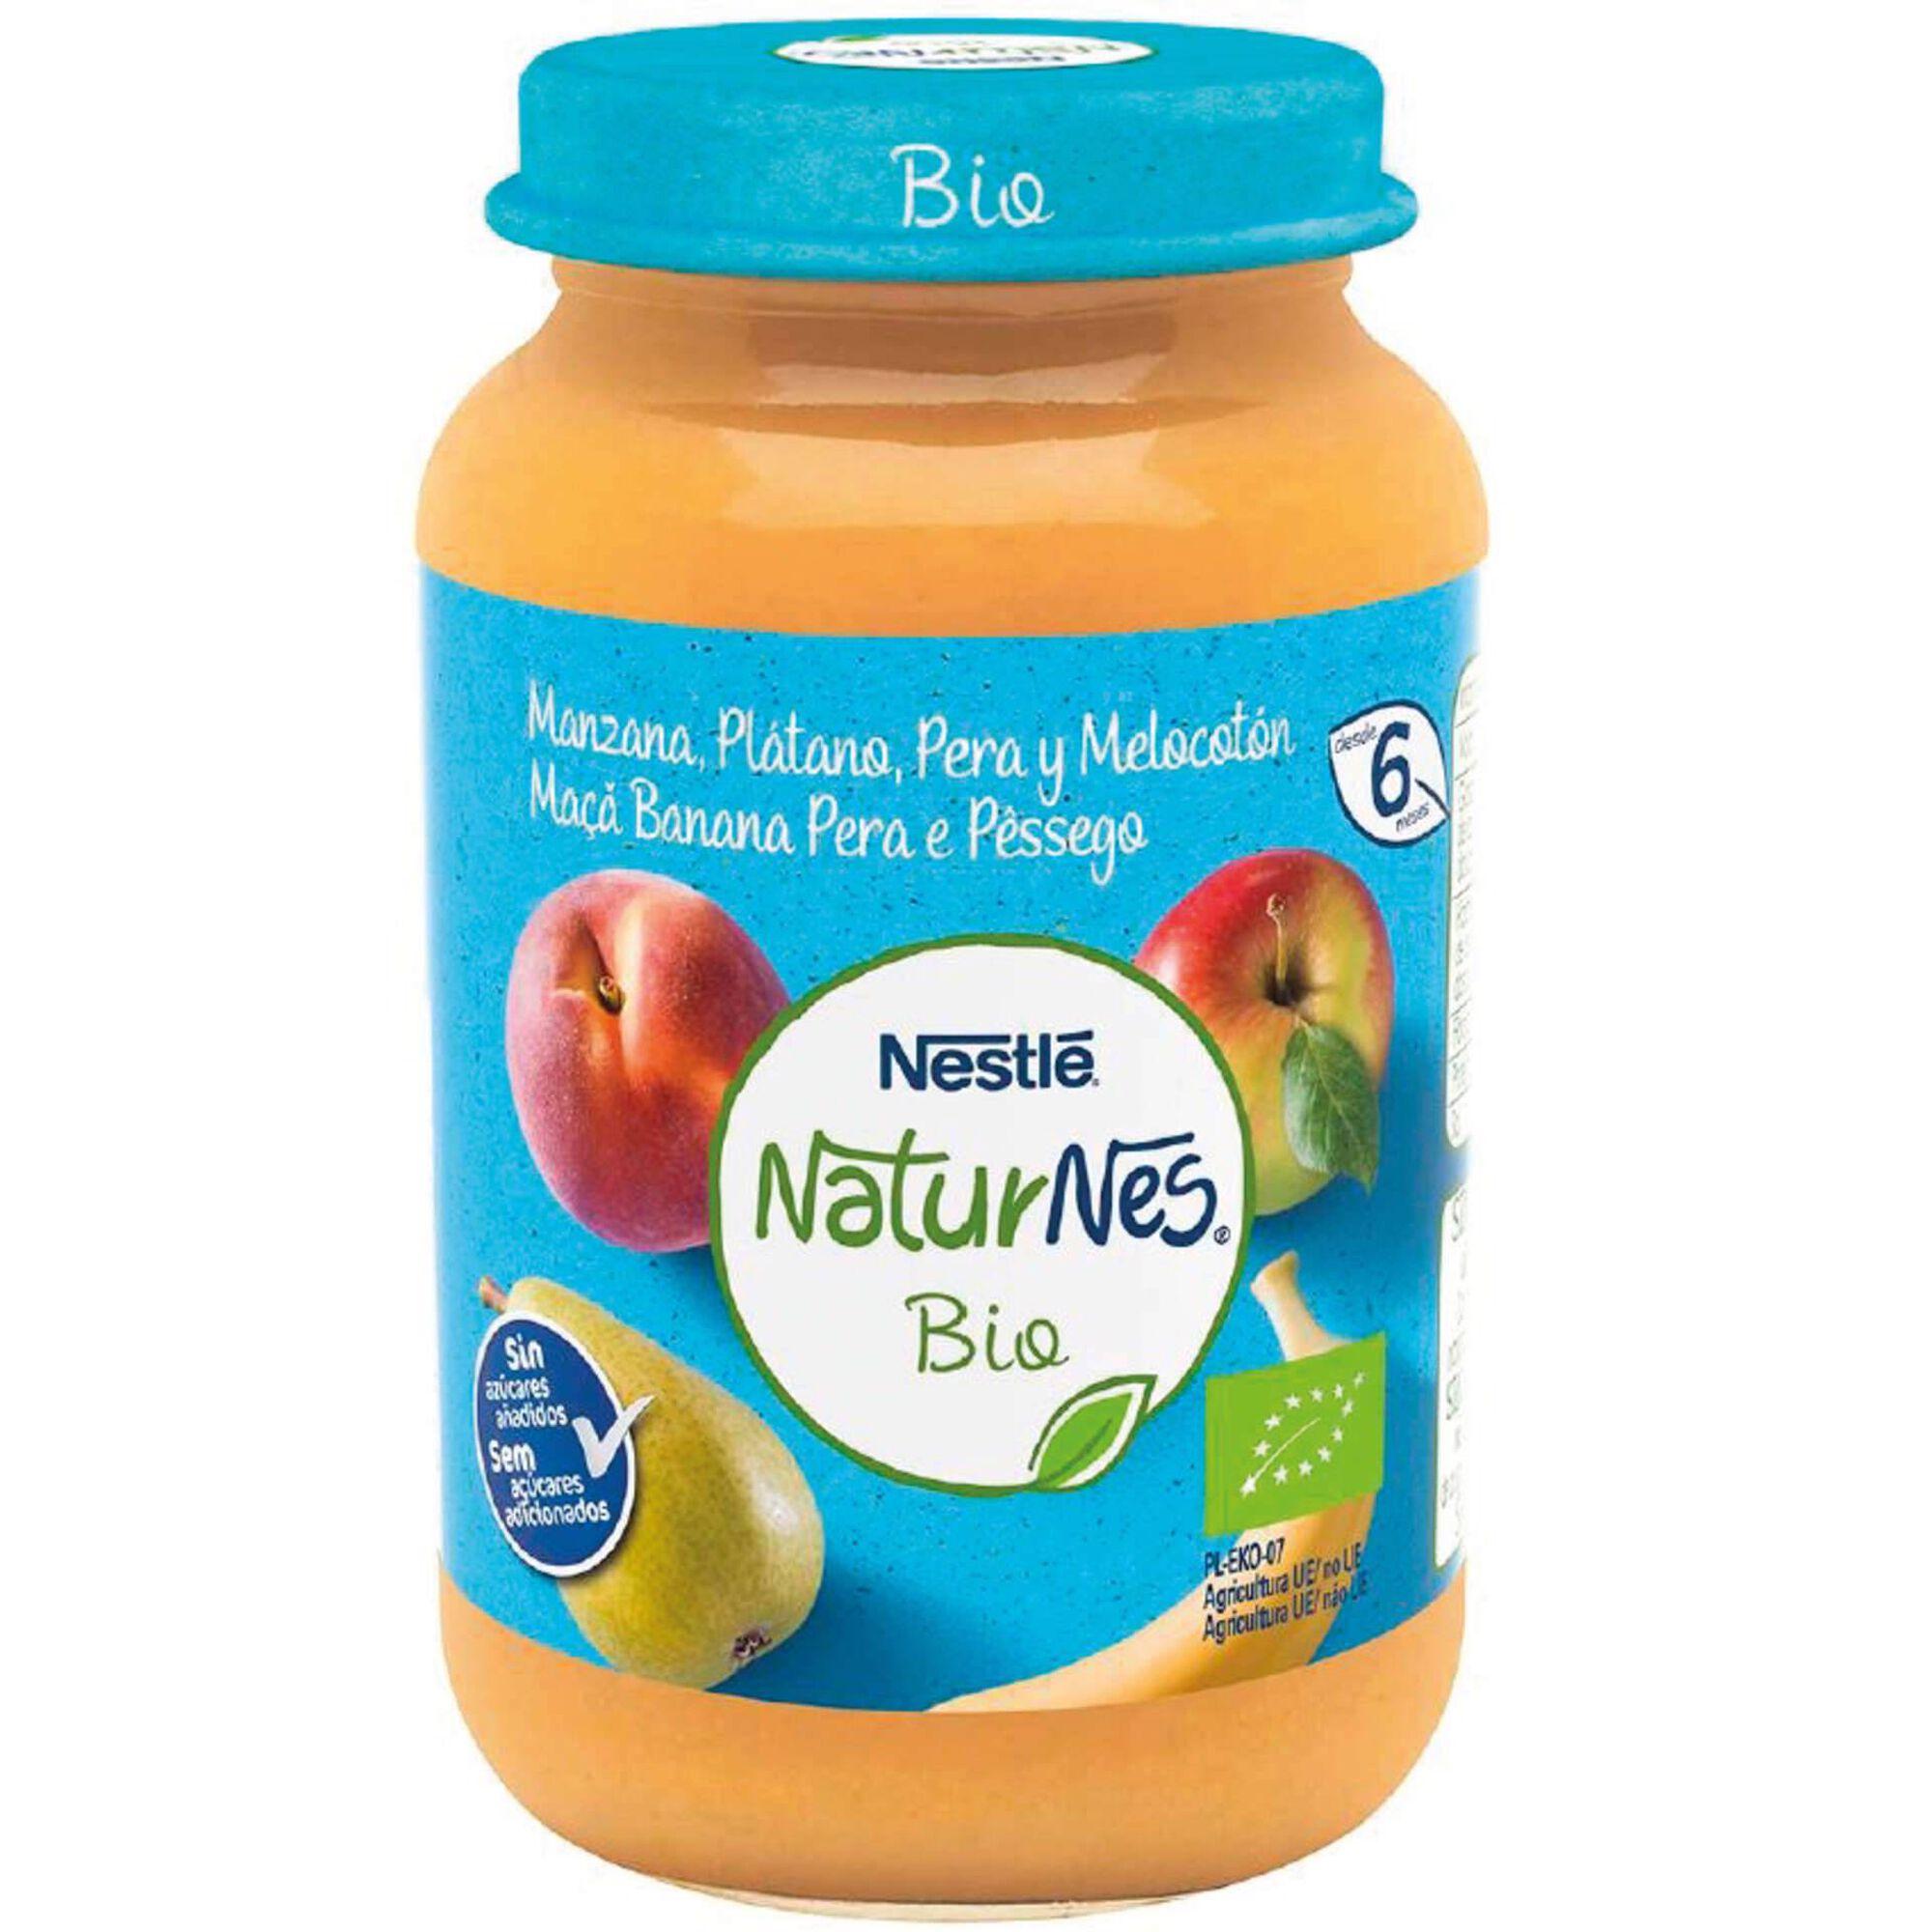 Boião de Fruta Maçã, Banana, Pera e Pêssego Naturnes Bio +6 Meses